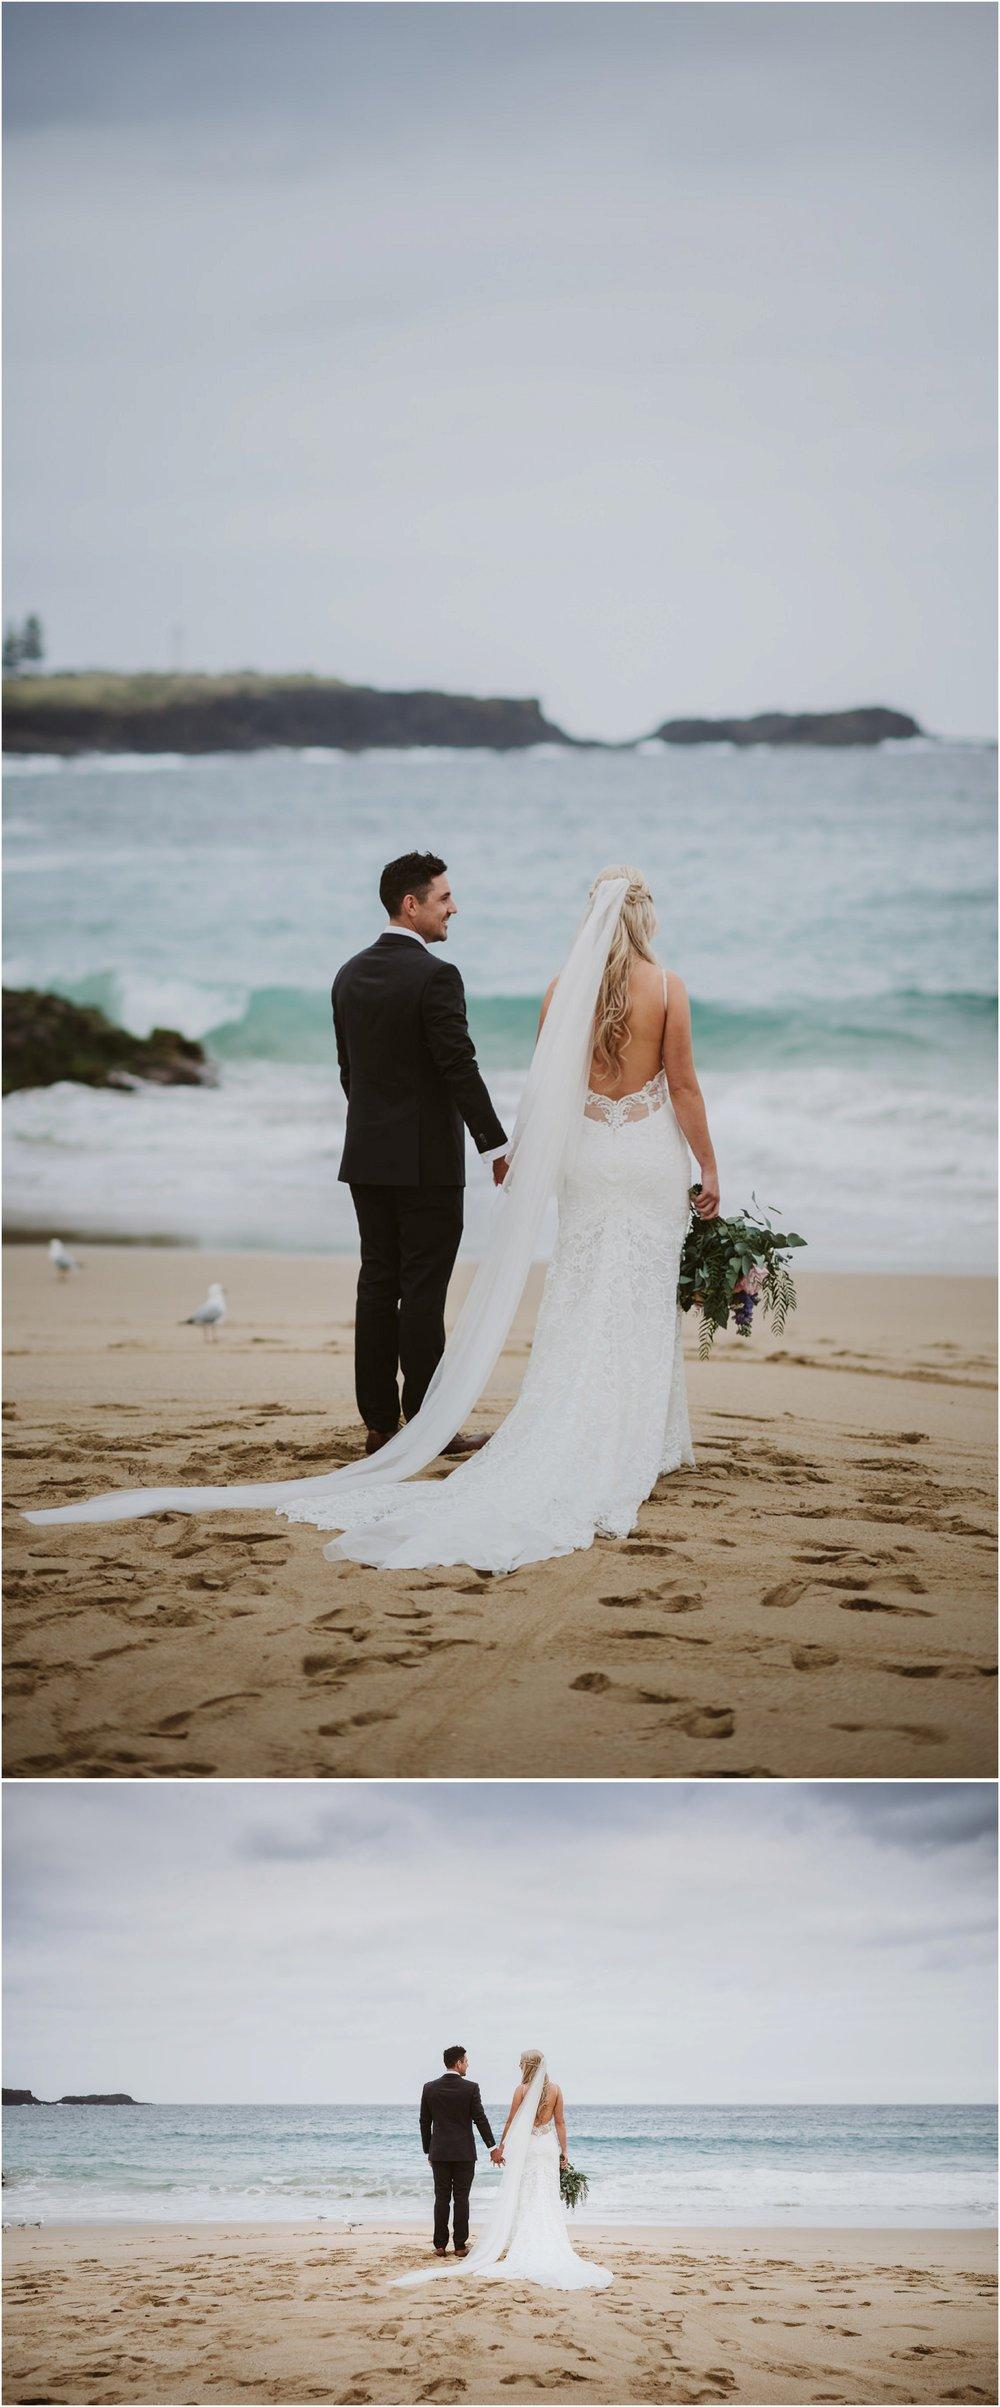 Bushbank Southern Highlands South Coast Wedding Jack Gilchrist Photography Sydney_0329.jpg